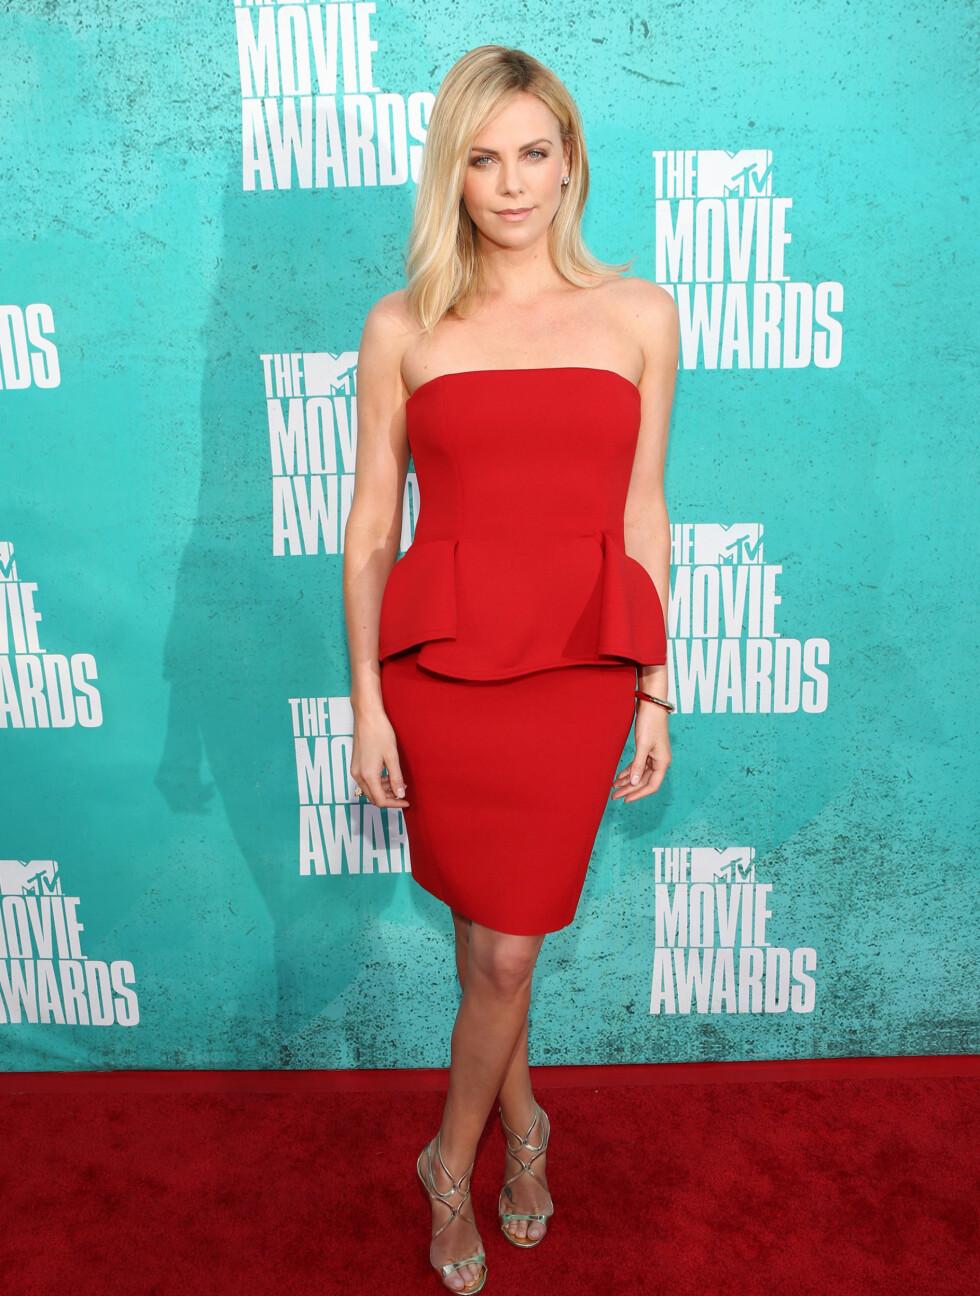 LANVIN: Charlize Theron i en elegant Lanvin-kjole på MTV Movie Awards på Gibson Amphitheatre i Los Angeles.  Foto: All Over Press